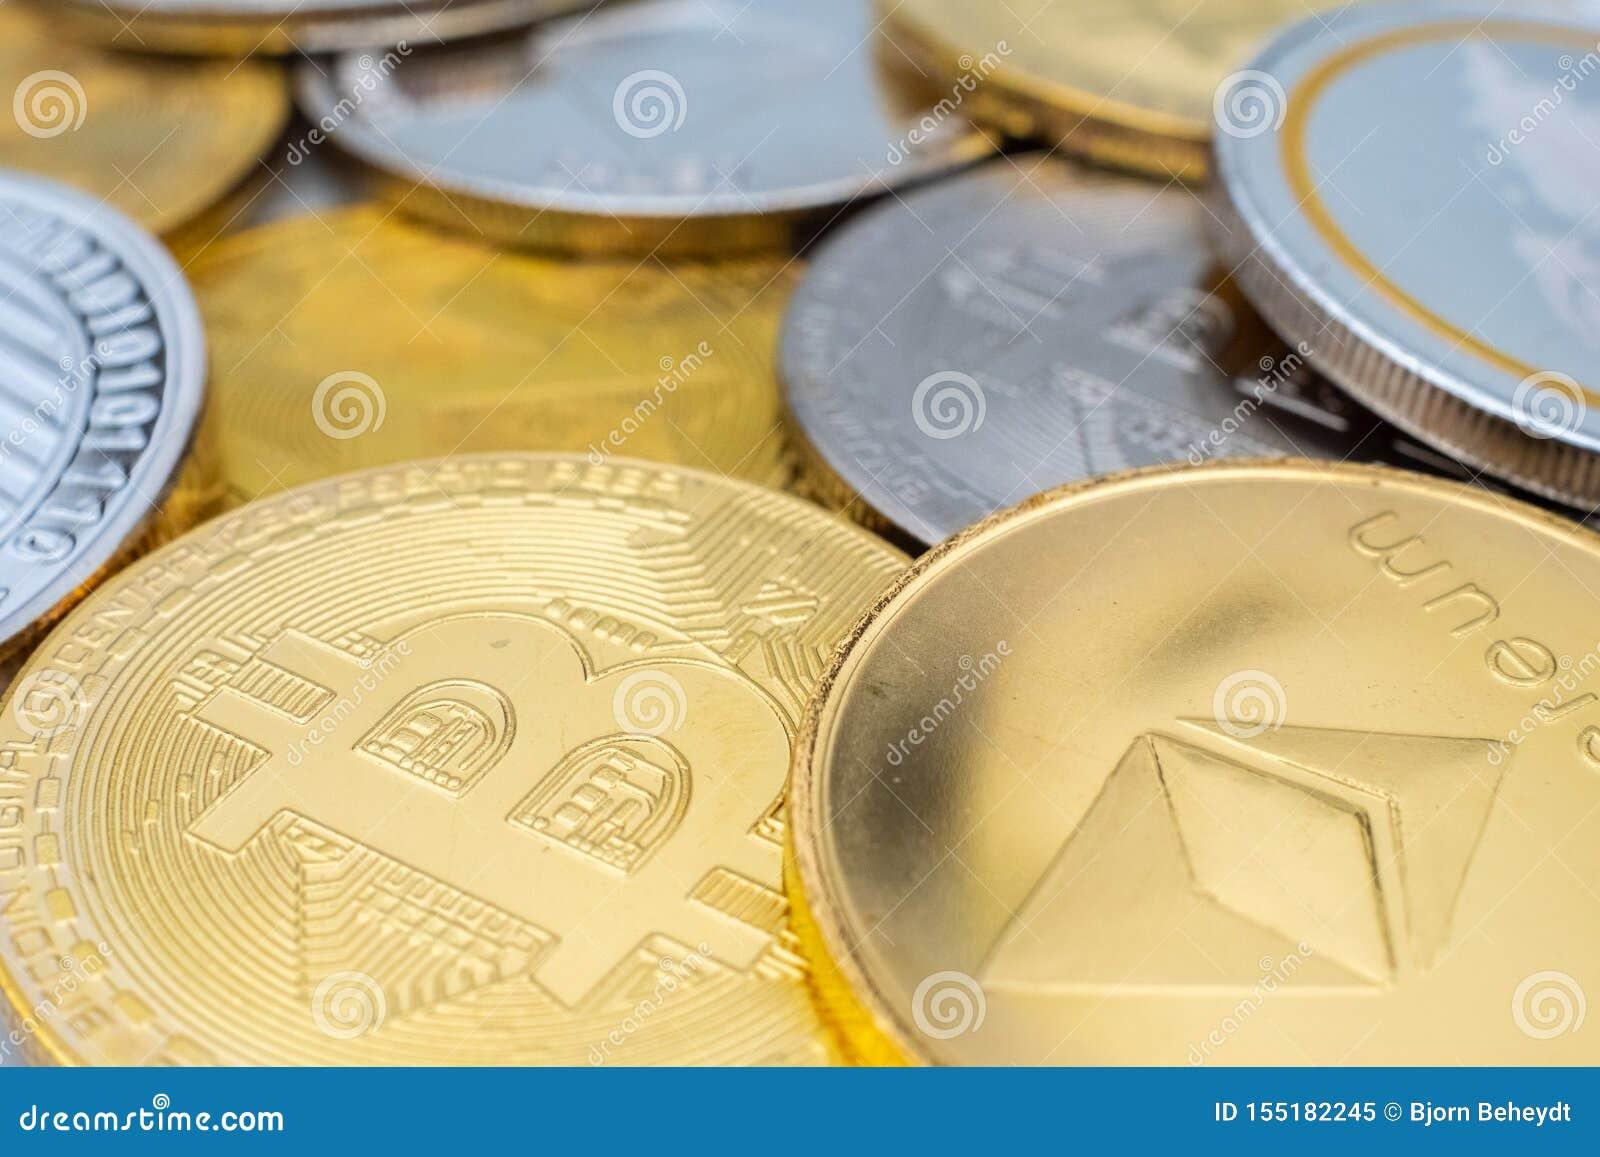 Partea ascunsă a bitcoin. Unde se află cele mai bune locuri pentru minarea de criptomonede